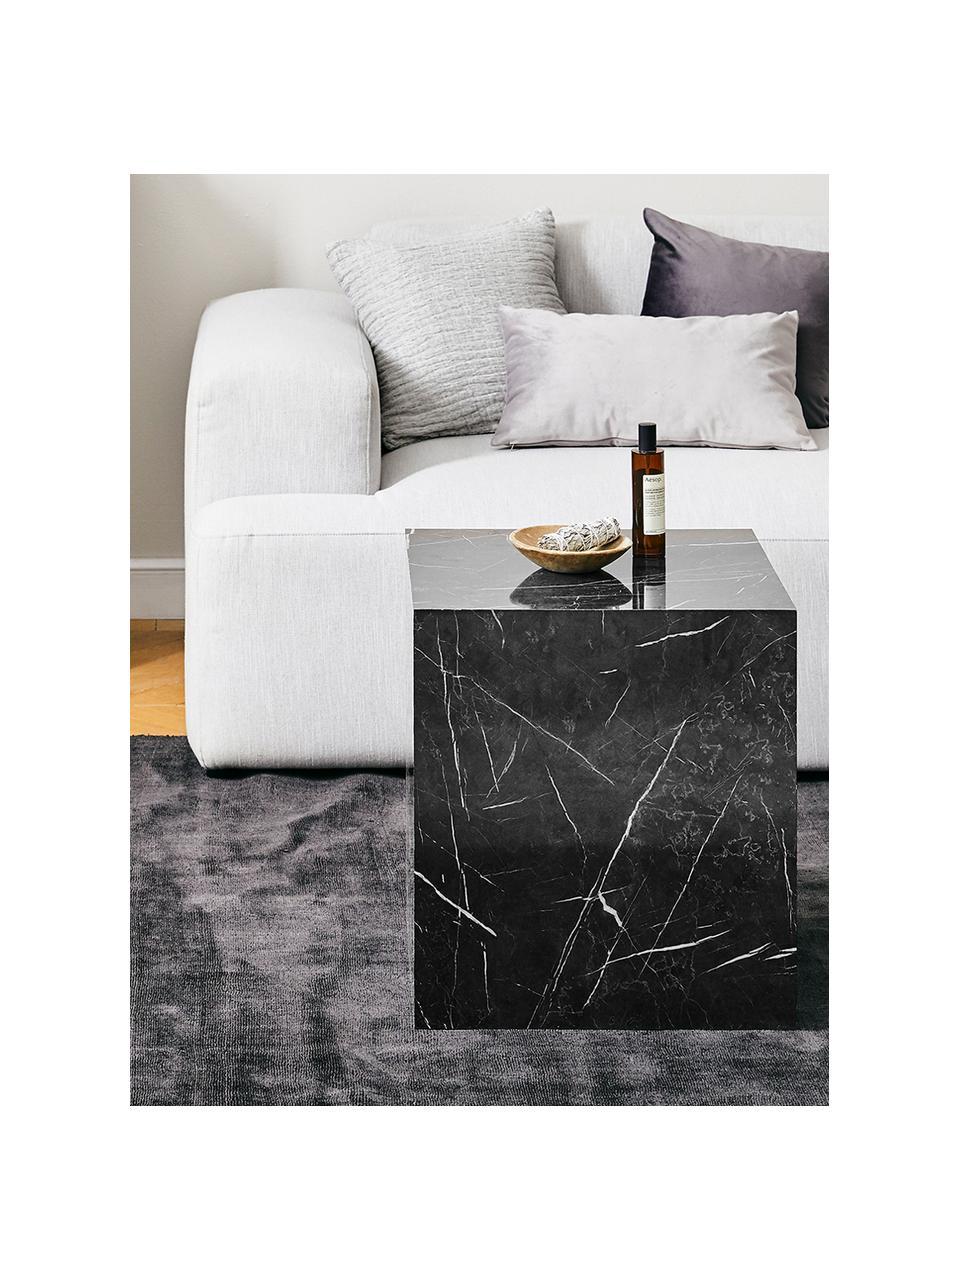 Stolik pomocniczy z imitacją marmuru Lesley, Płyta pilśniowa średniej gęstości (MDF) pokryta folią melaminową, Czarny, imitacja marmuru, S 45 x W 50 cm